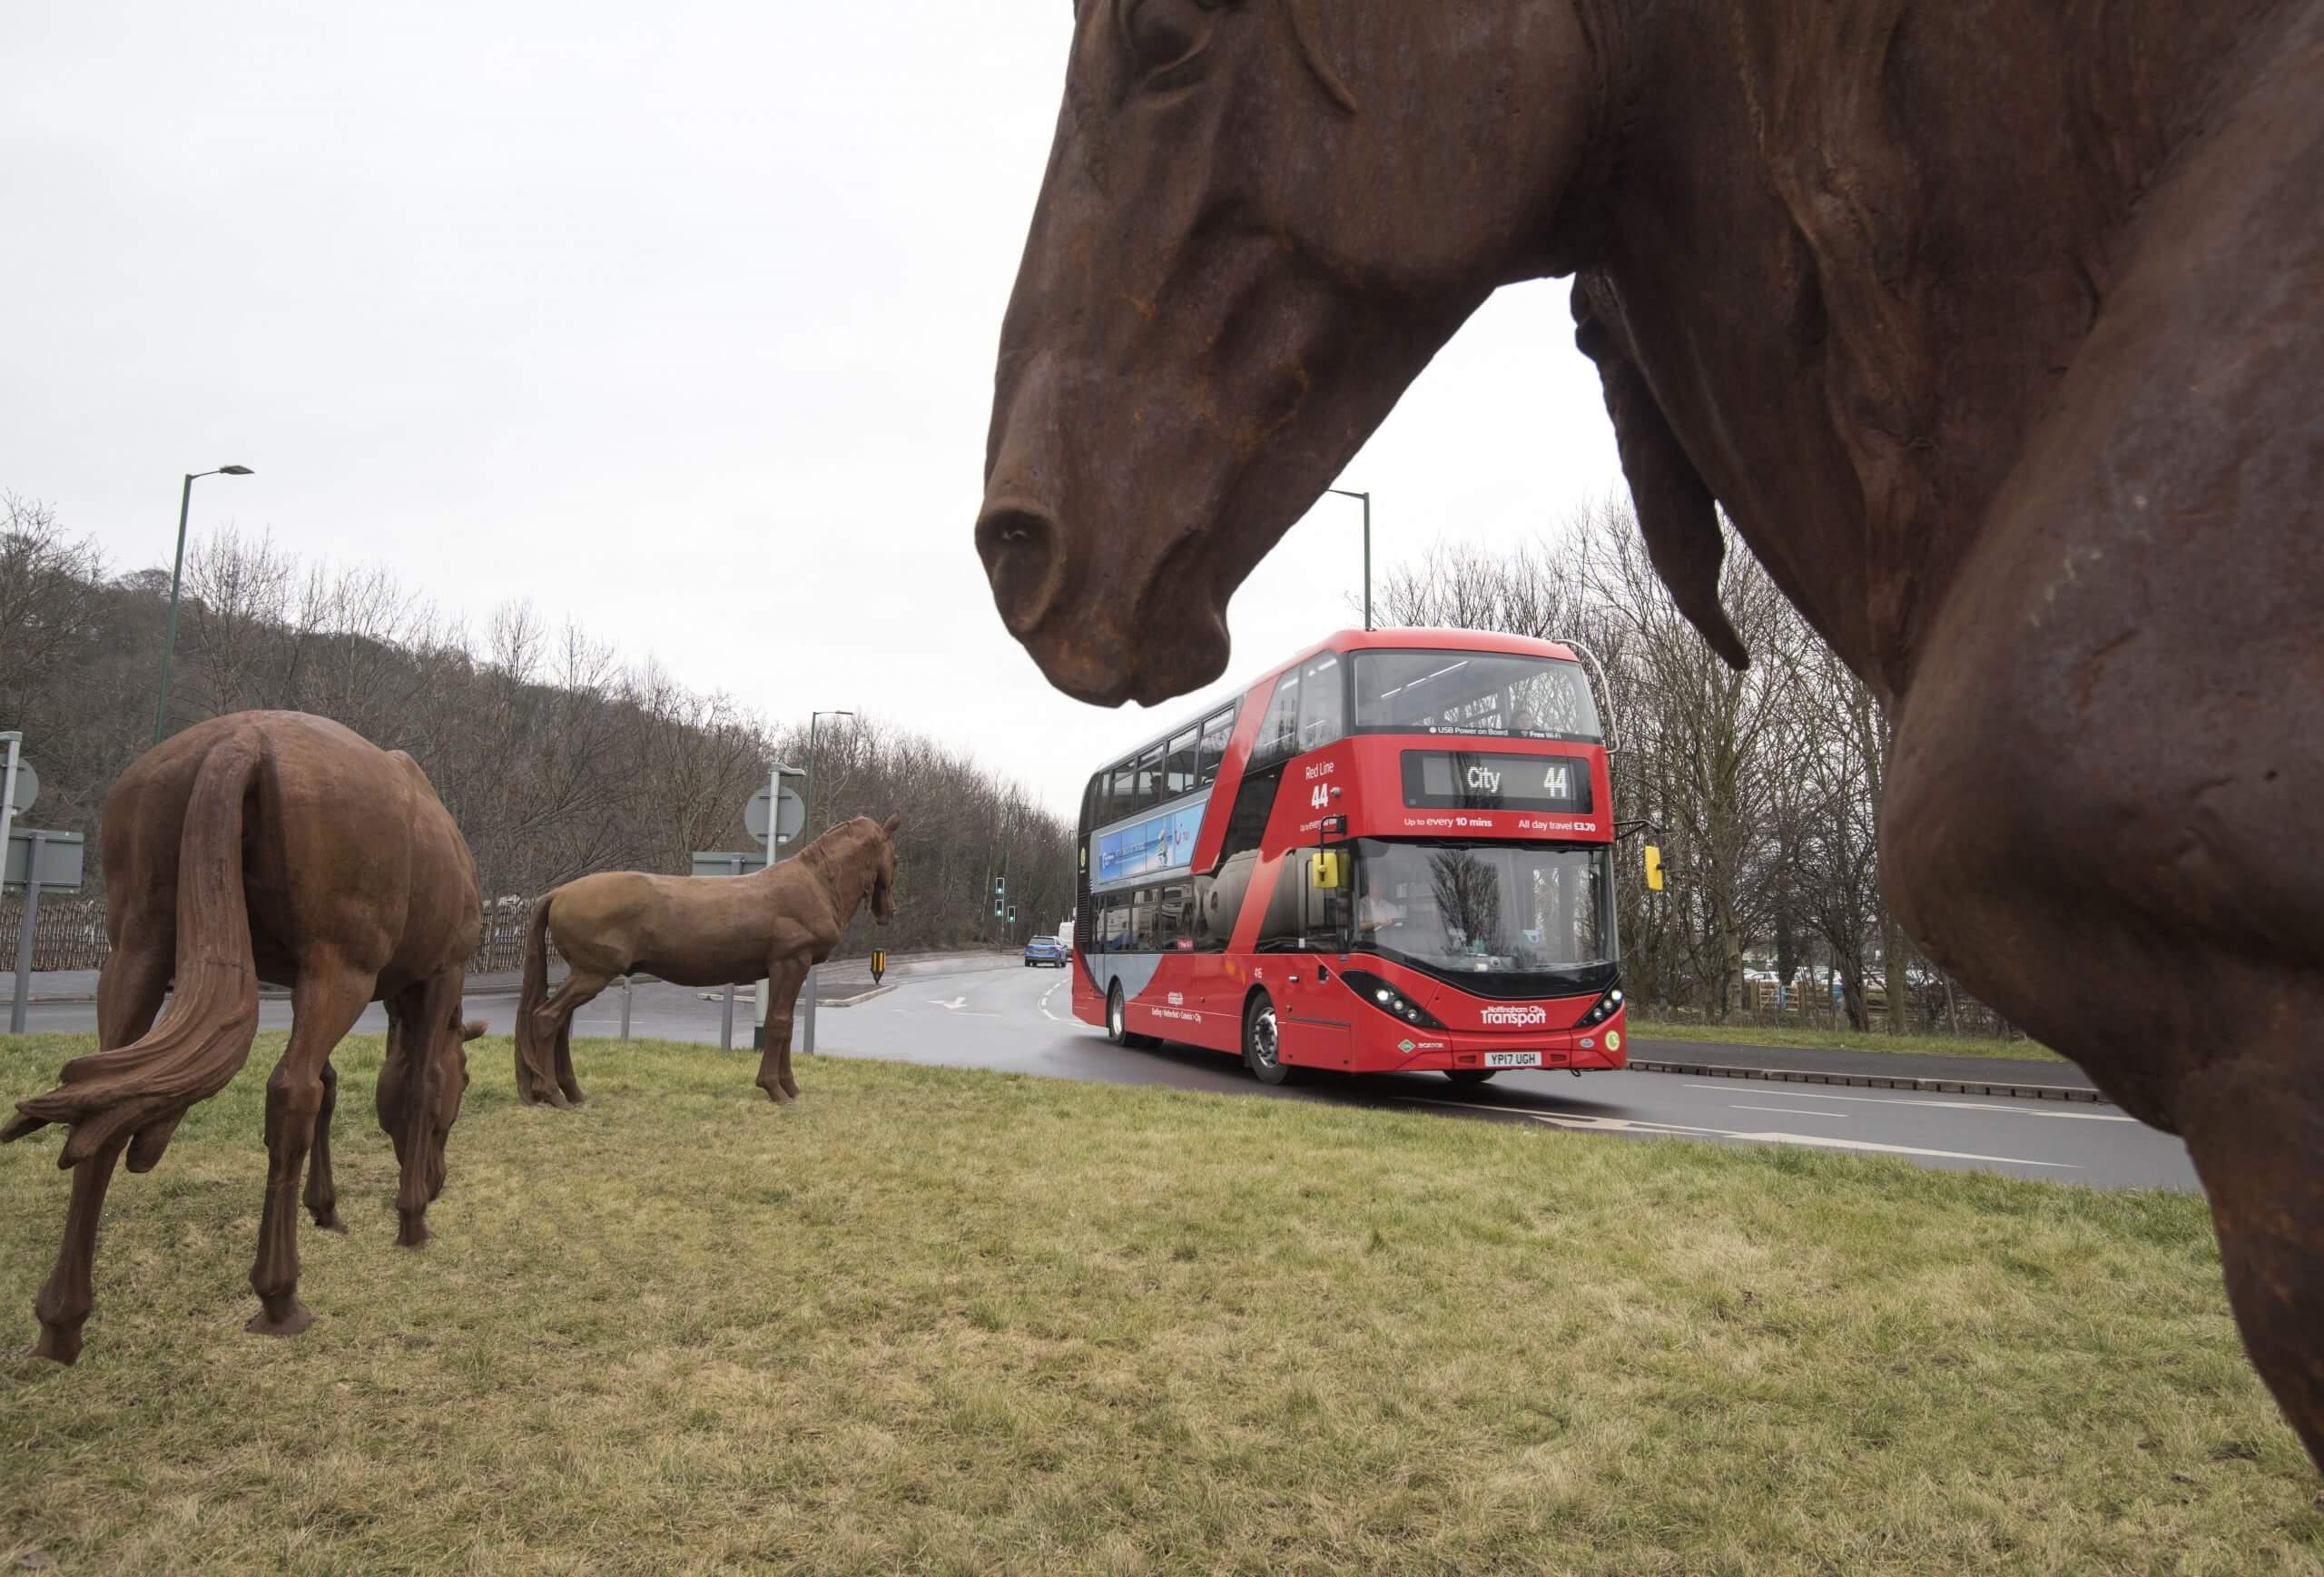 Racecourse Park & Ride